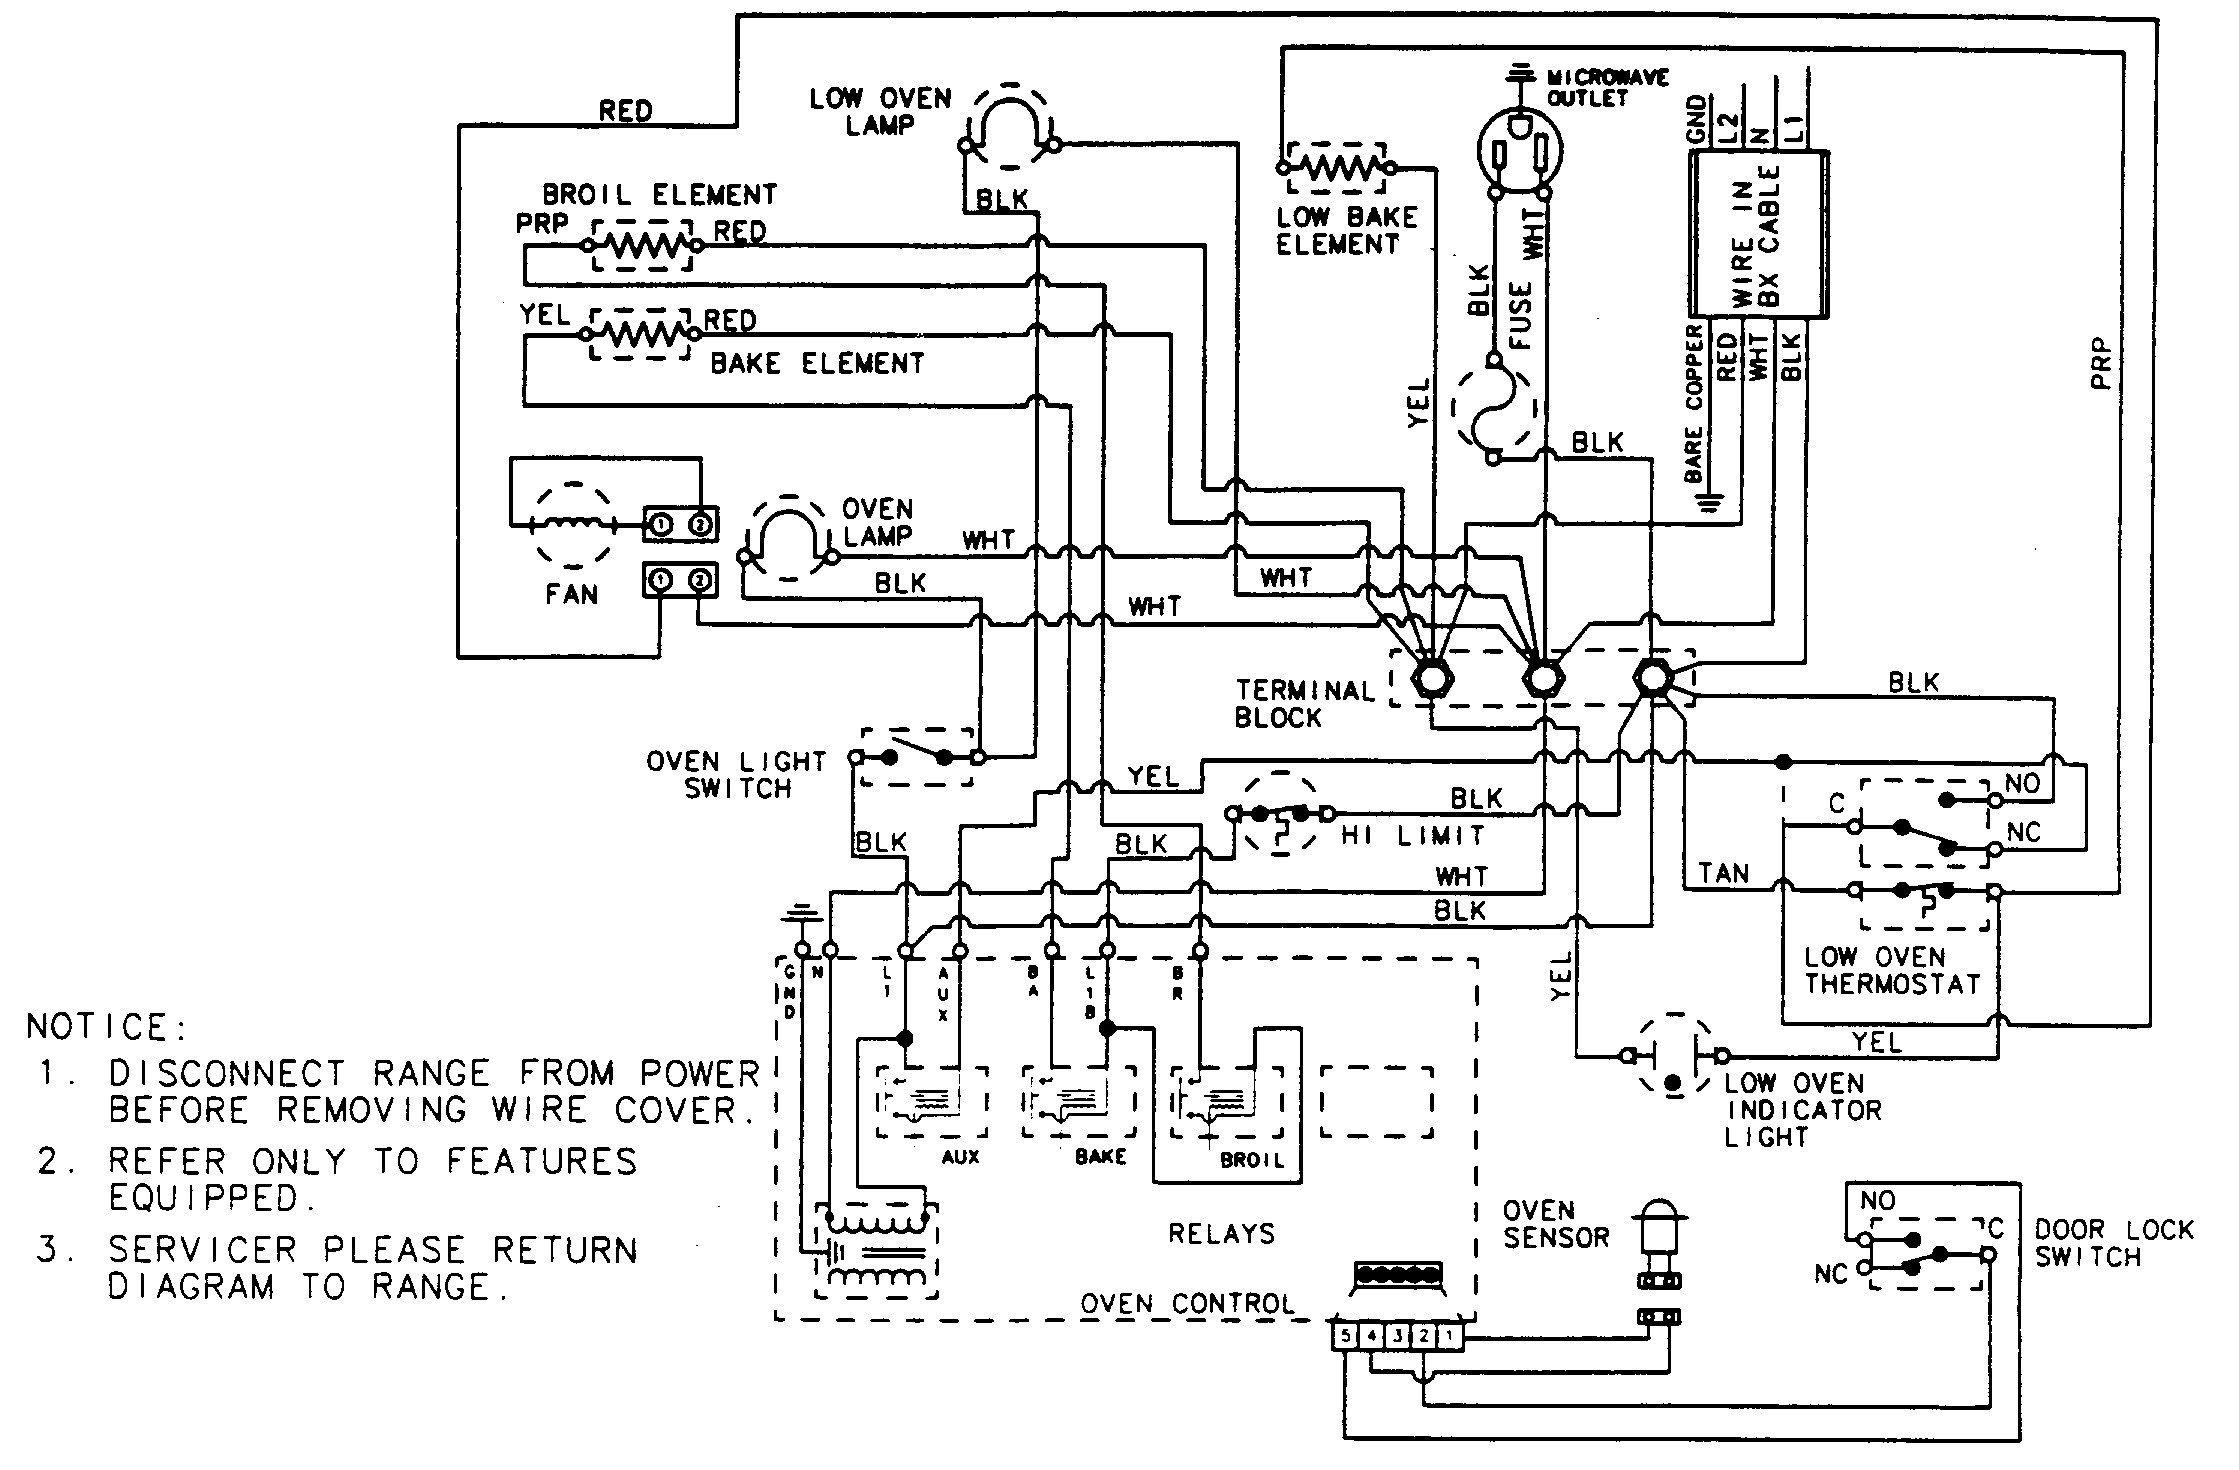 Ge Oven Wiring Diagram Jdp37 - 1999 Gmc Suburban Brake Lights Wiring Diagram  - wiring.2010menanti.jeanjaures37.fr   Ge Oven Wiring Diagram Jdp37      Wiring Diagram Resource